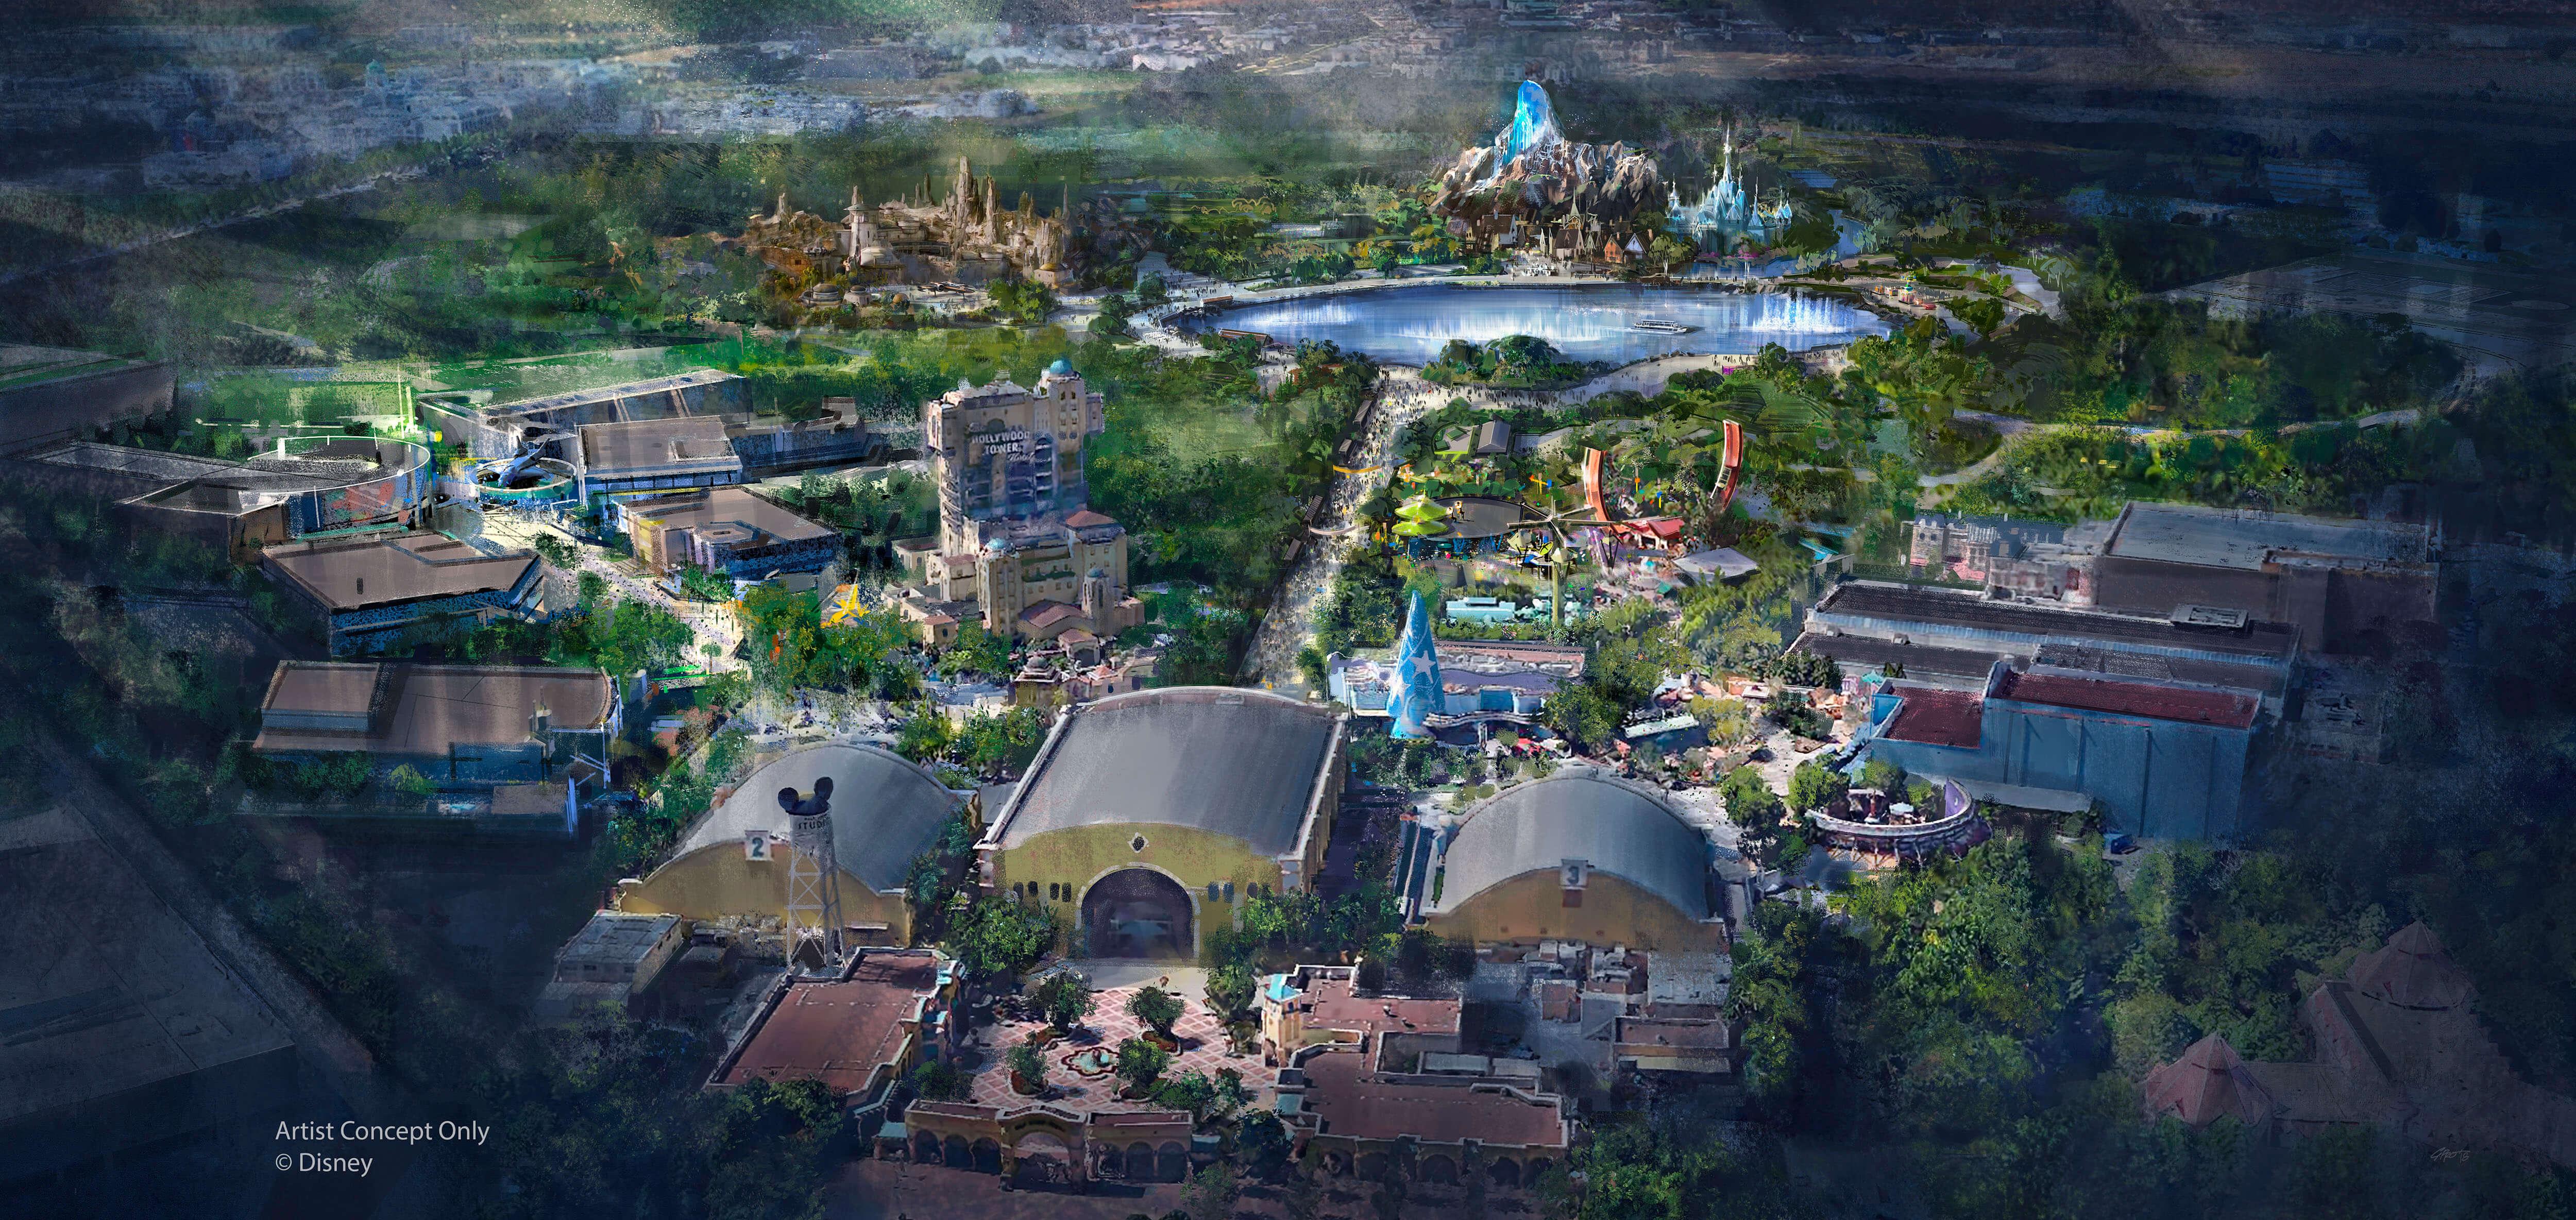 Concept Art mit den neuen Ländern für die Erweiterung der Walt Disney Studios Paris mit Star Wars Land, Marvel Land und Frozen Land